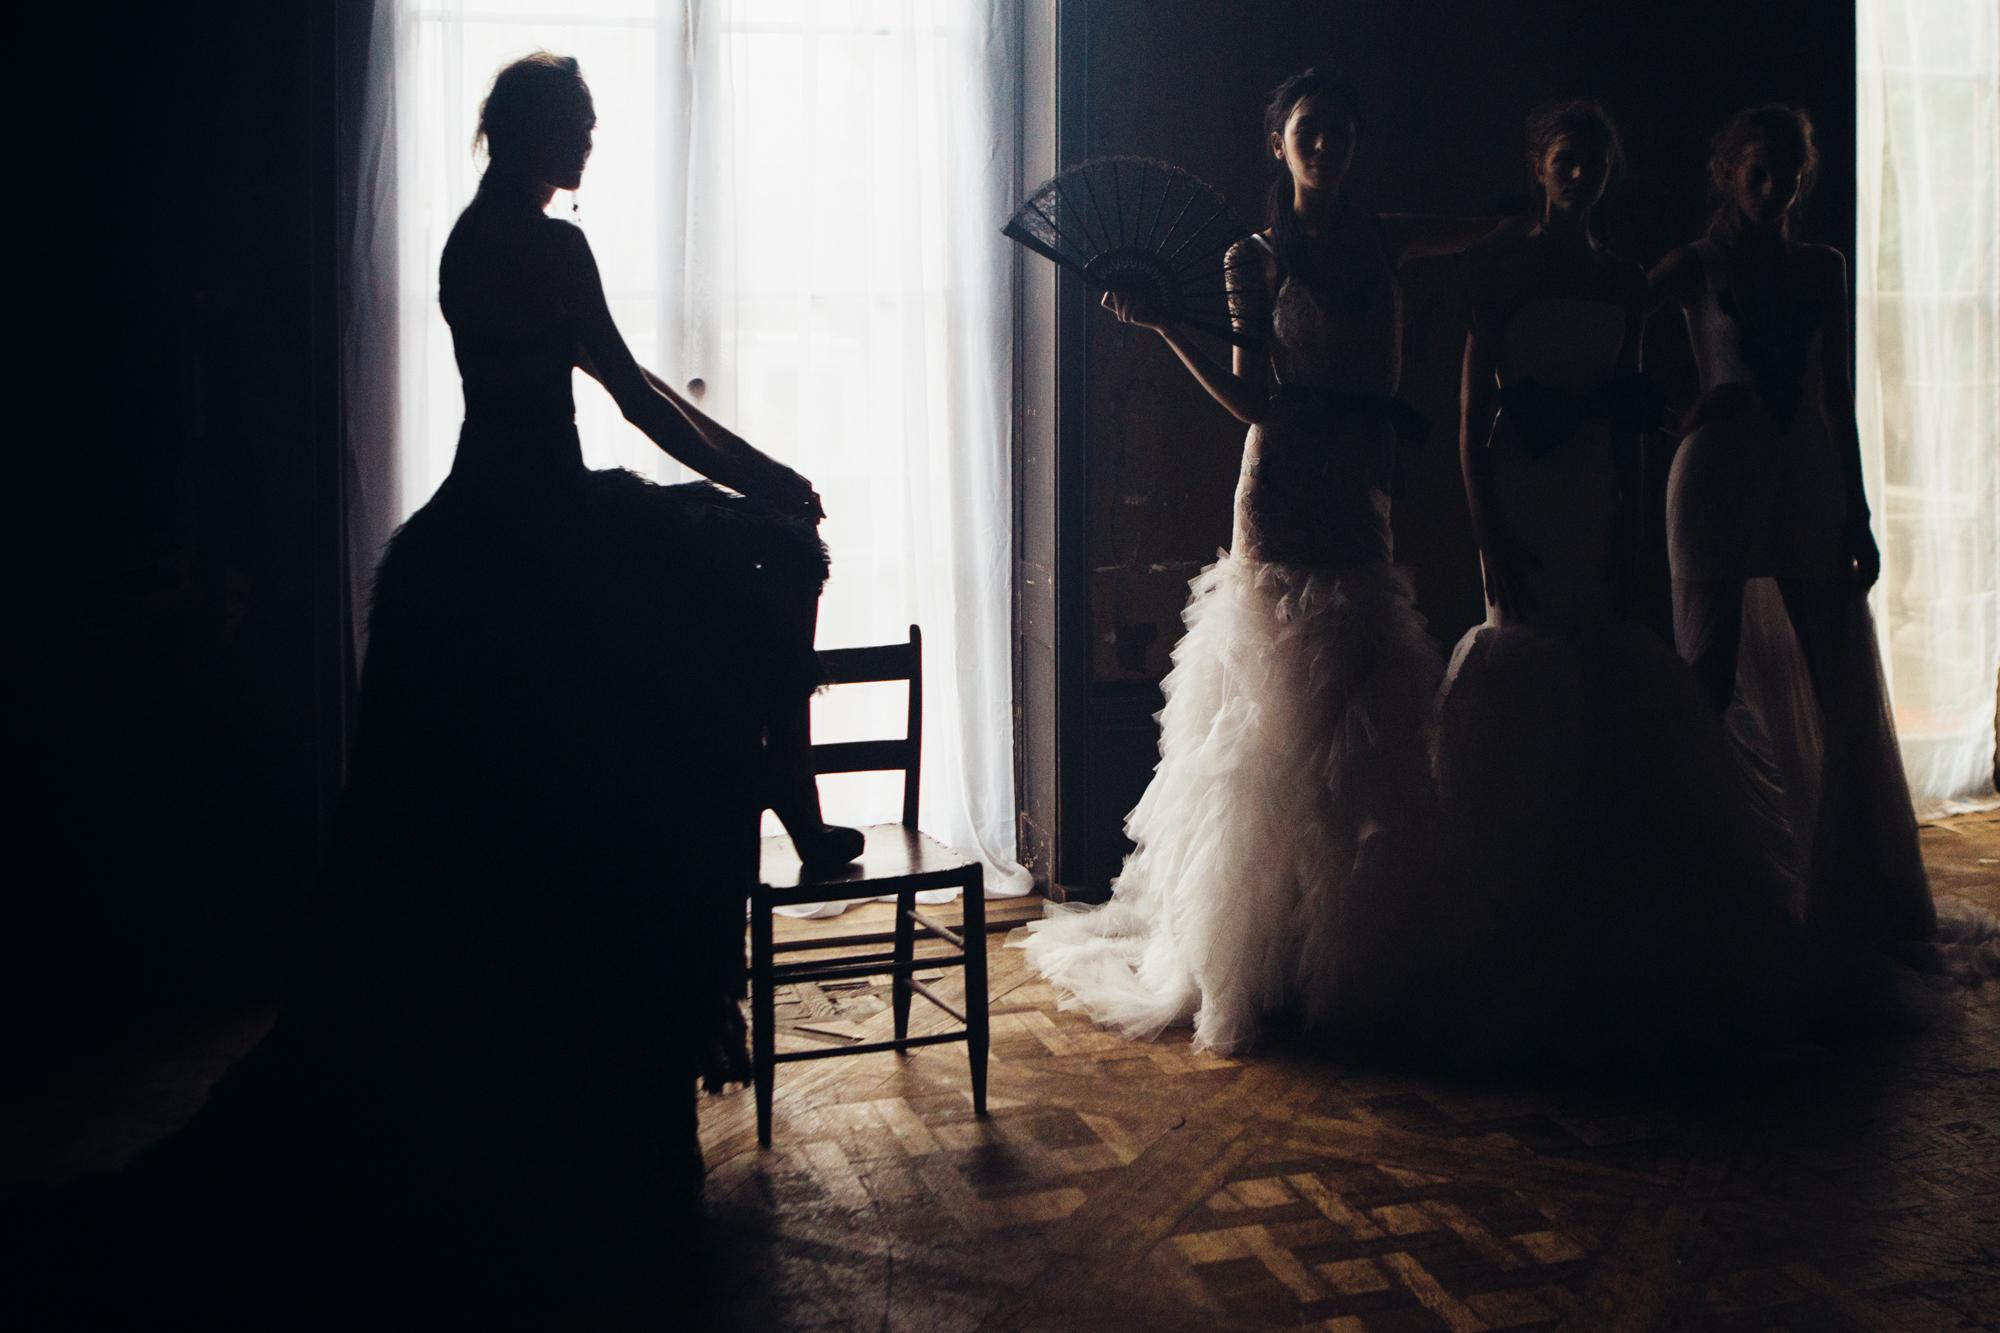 VERA_WANG_Video3_Flamenco_Marianna_Jamadi-23.jpg